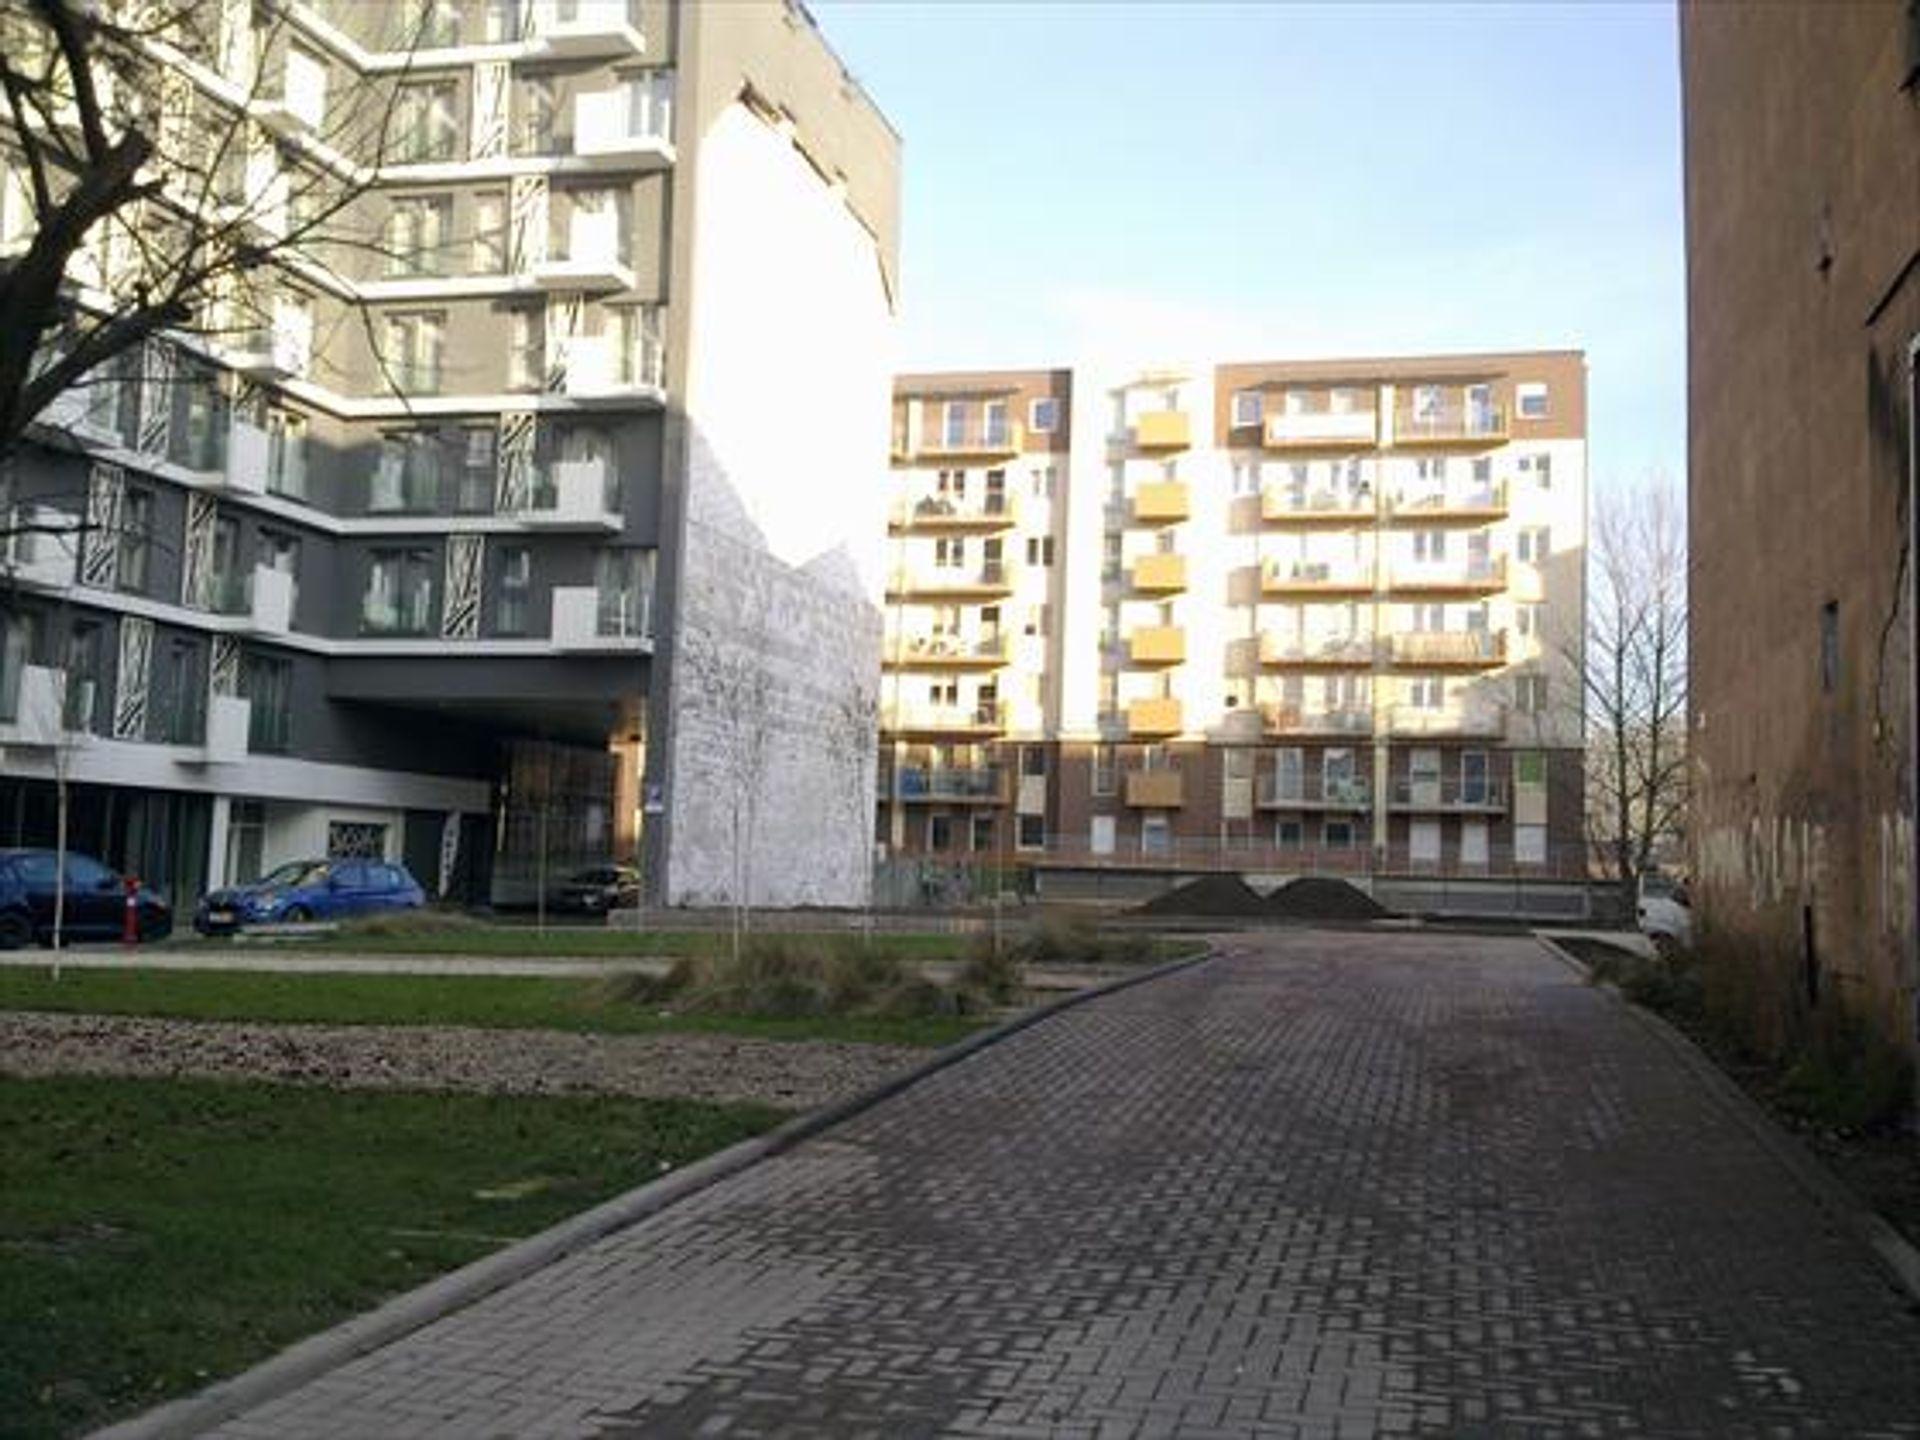 [Wrocław] Miasto odwołało kontrowersyjny przetarg na działkę przy ul. Hubskiej